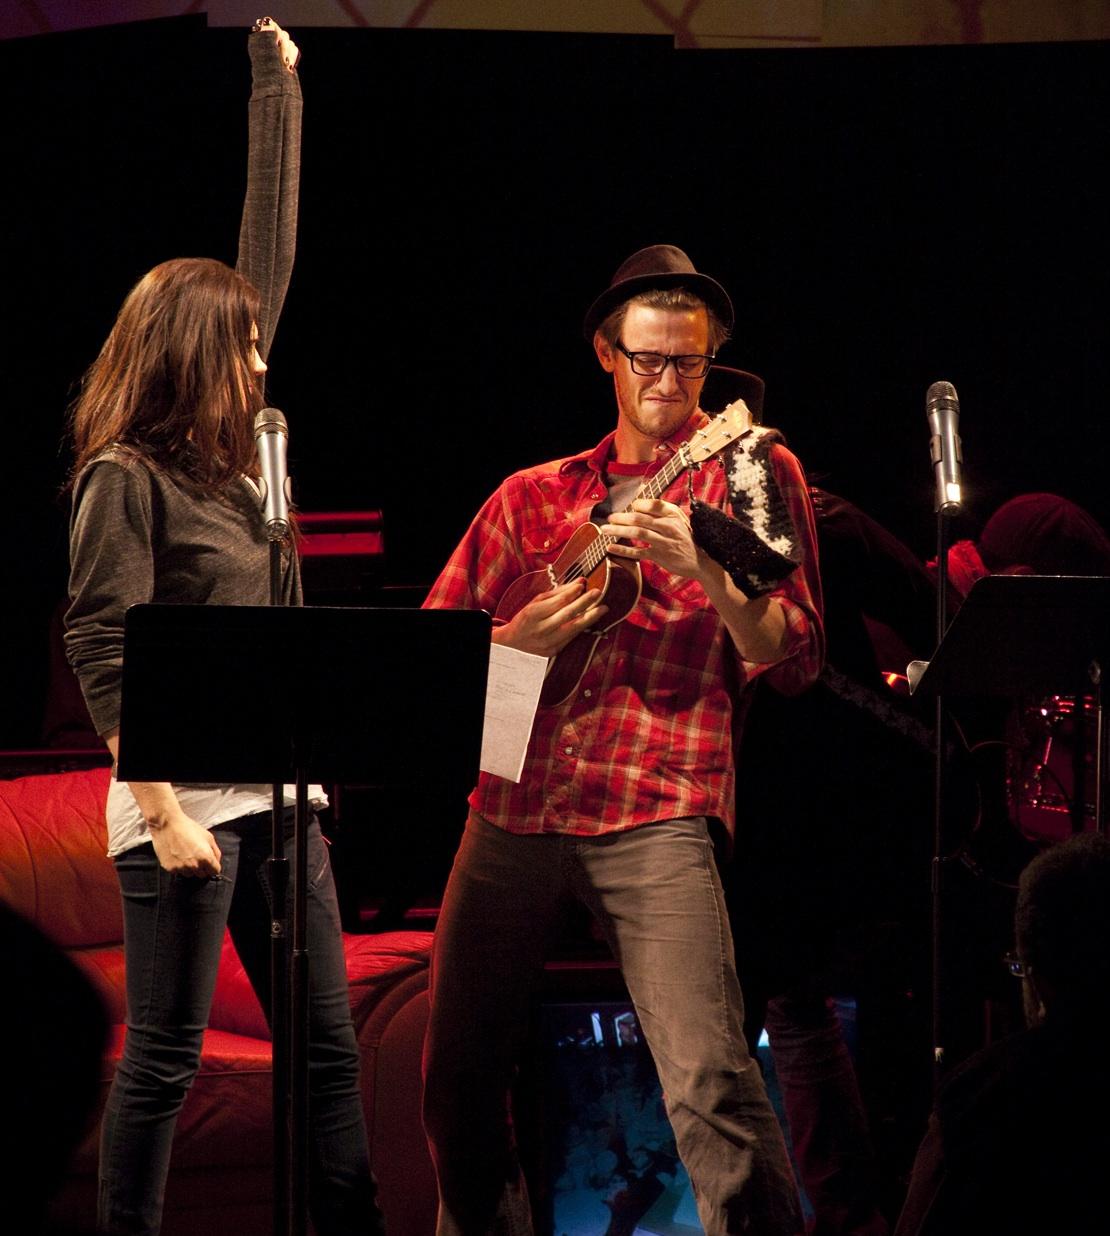 Gayle Rankin & Teddy Yudain in DARLING at ANT Fest (2011). Photo courtesy Ars Nova.